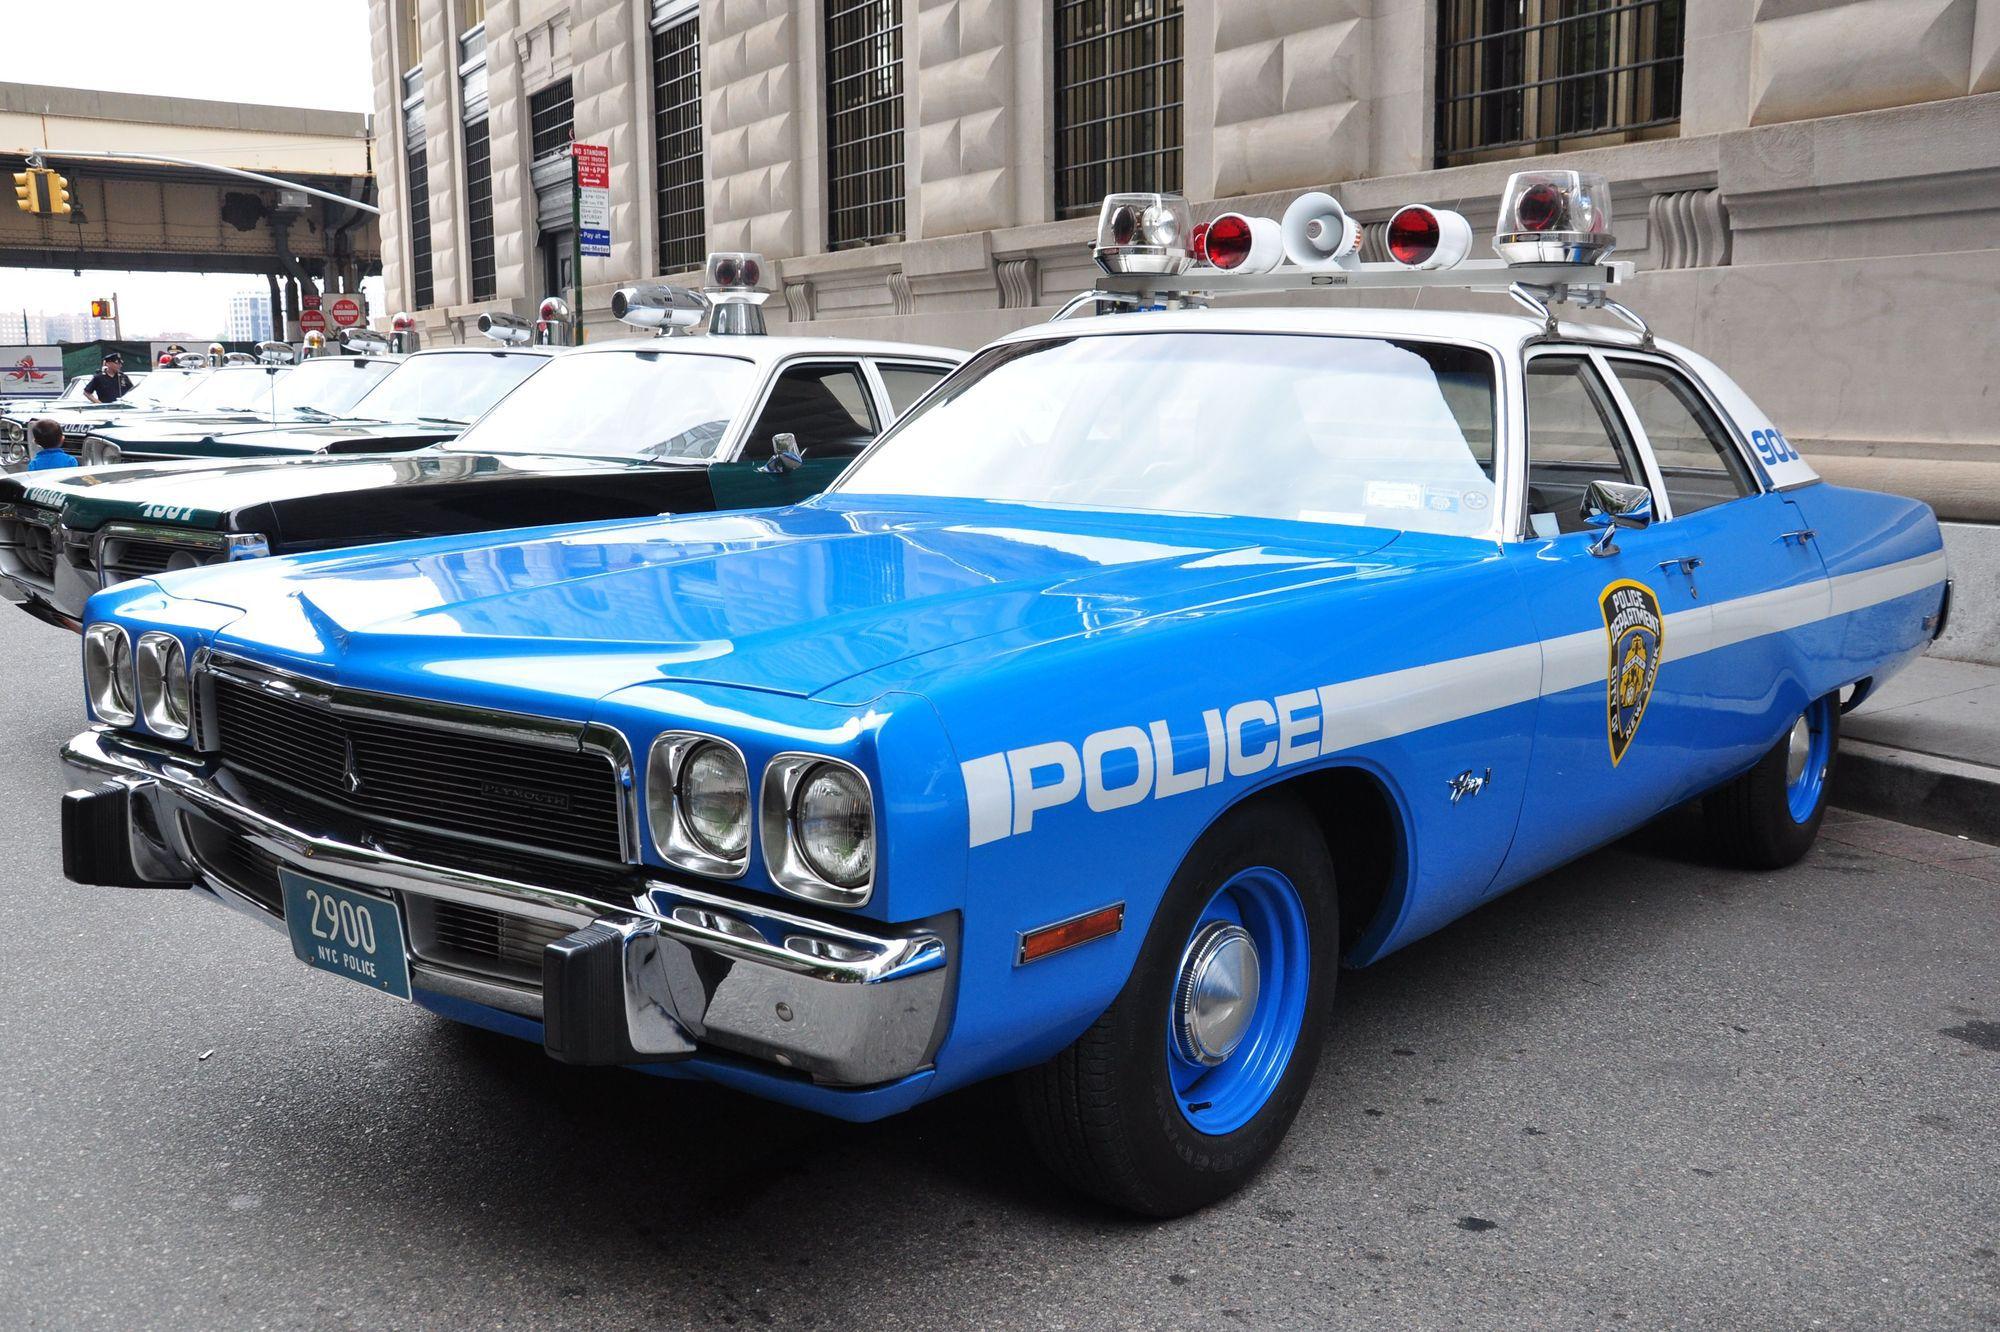 Police Desktop